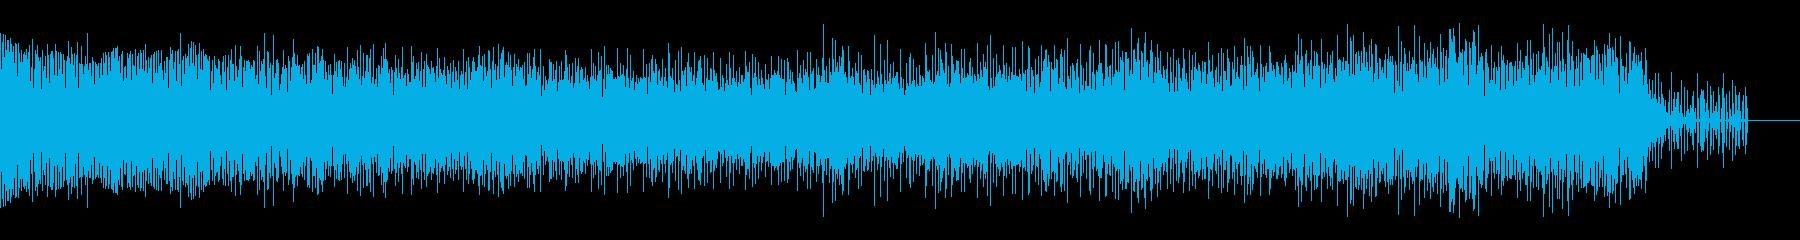 暗くも明るくもない曲の再生済みの波形